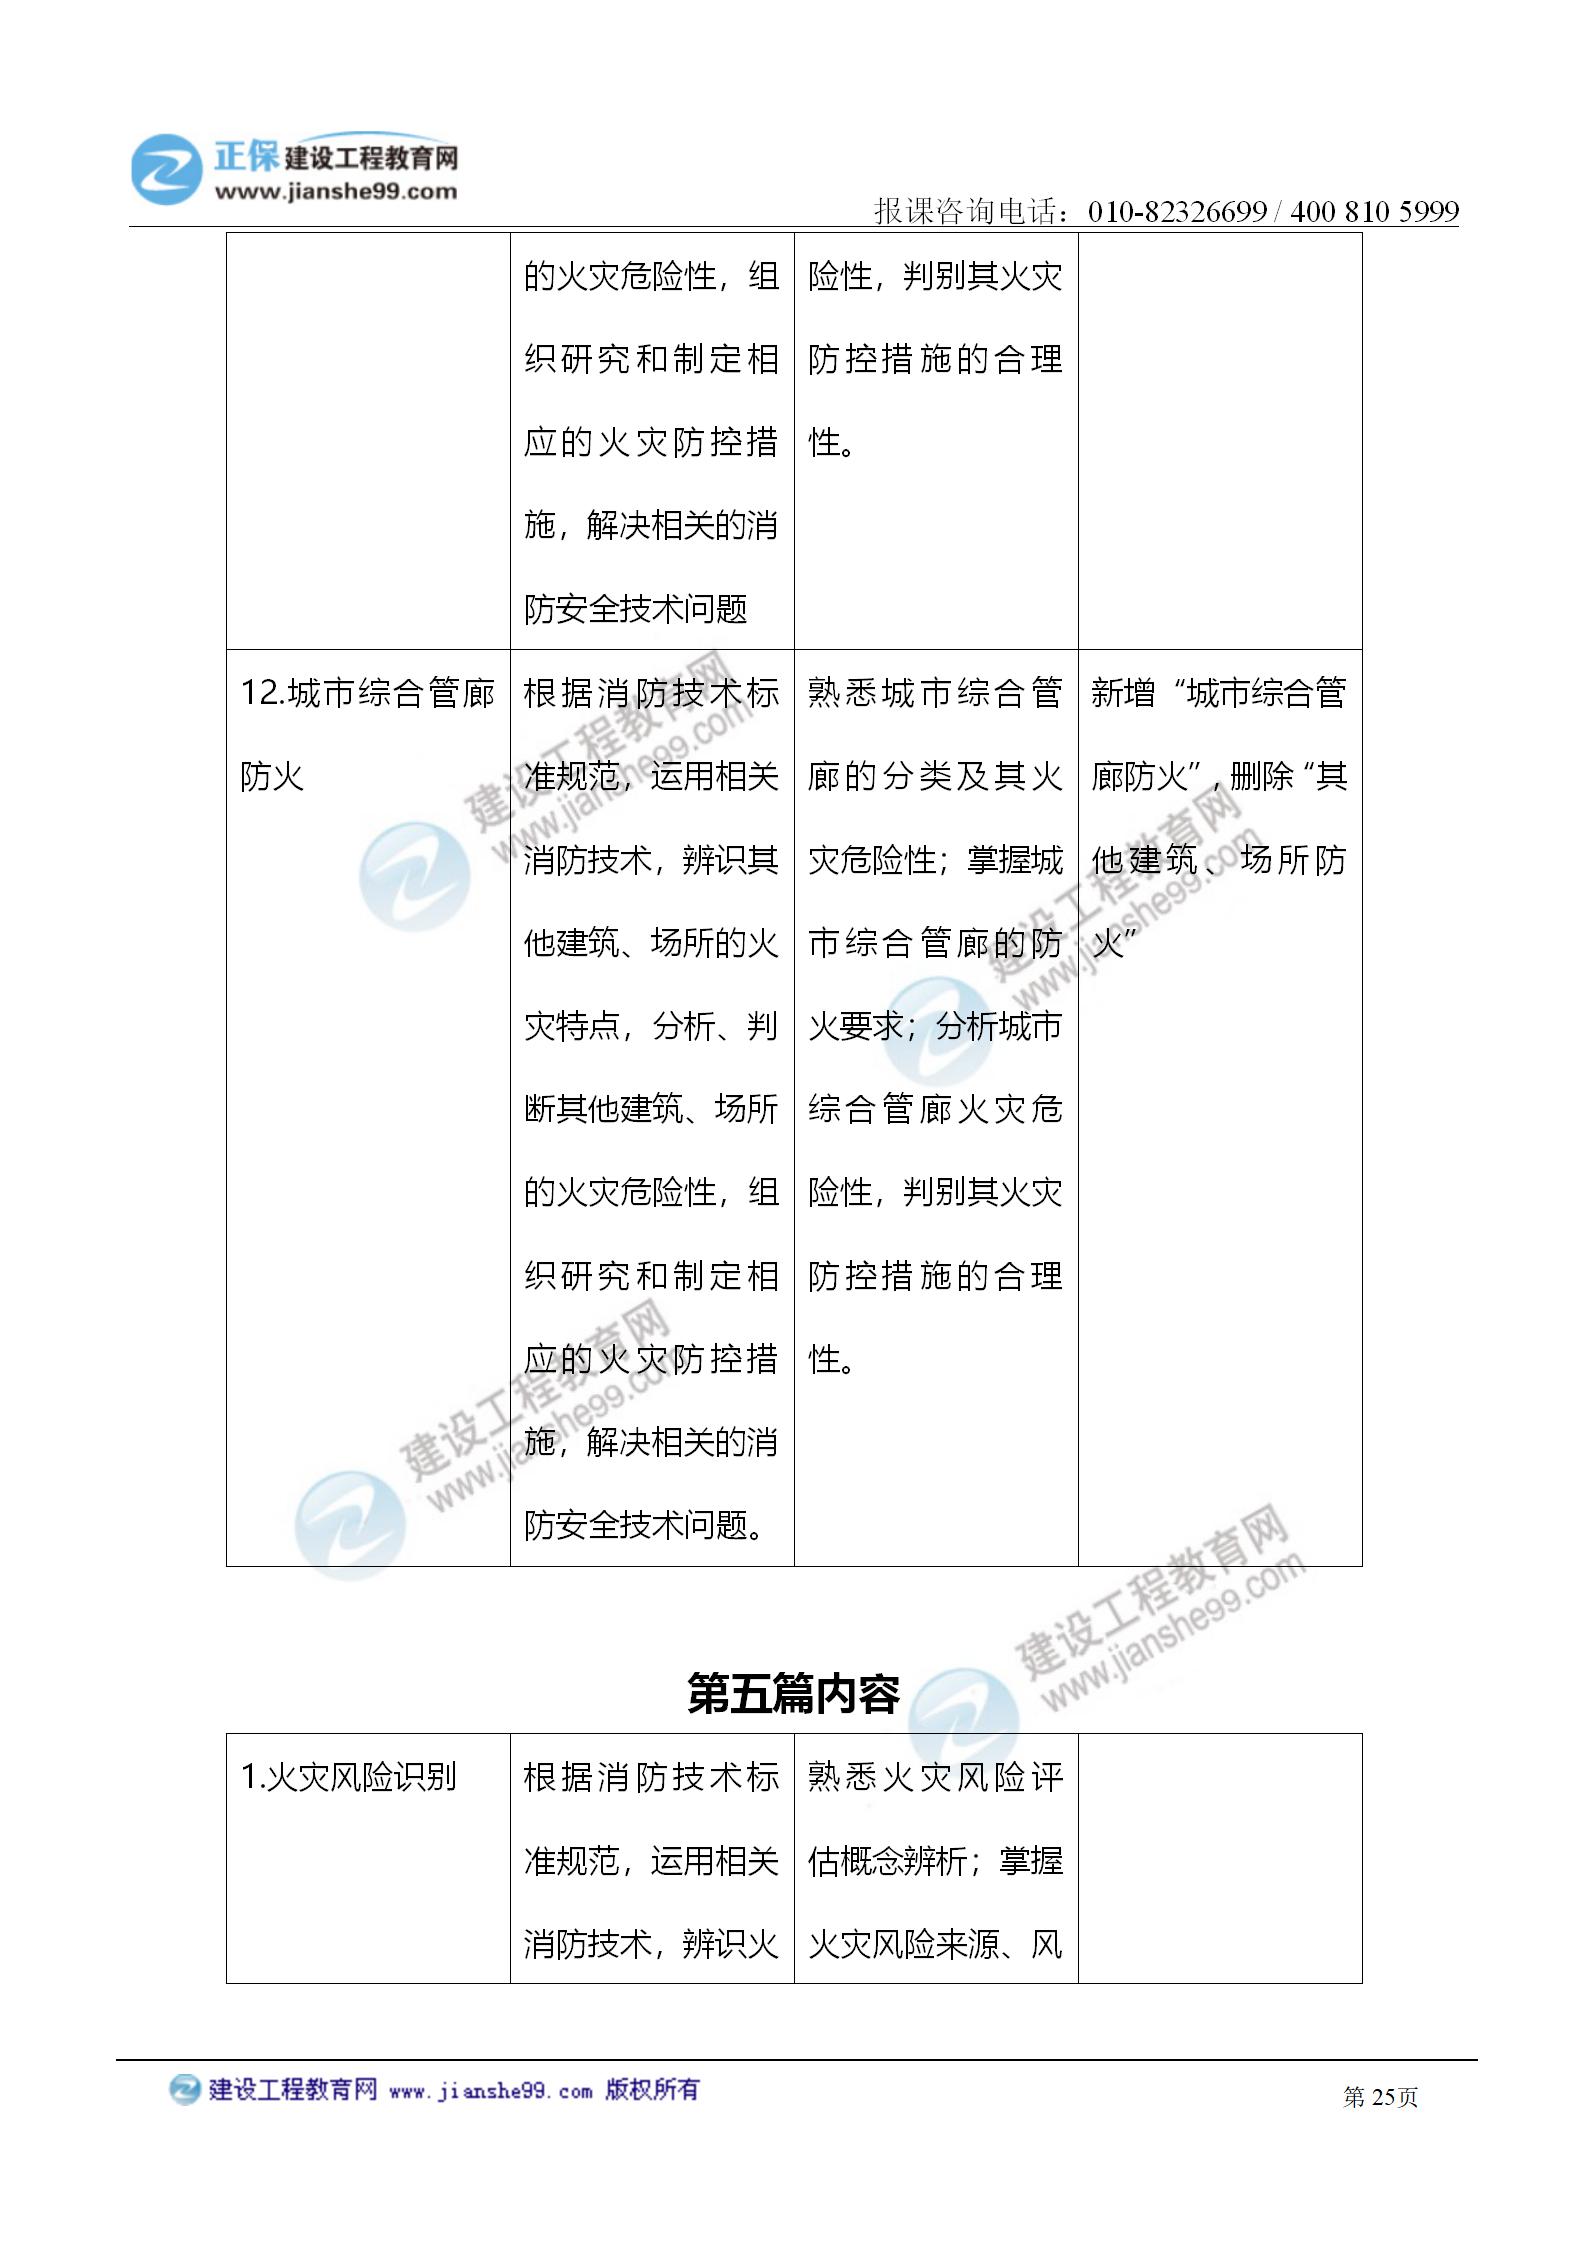 2021注册消防工程师《技术实务》考试大纲变化情况_25